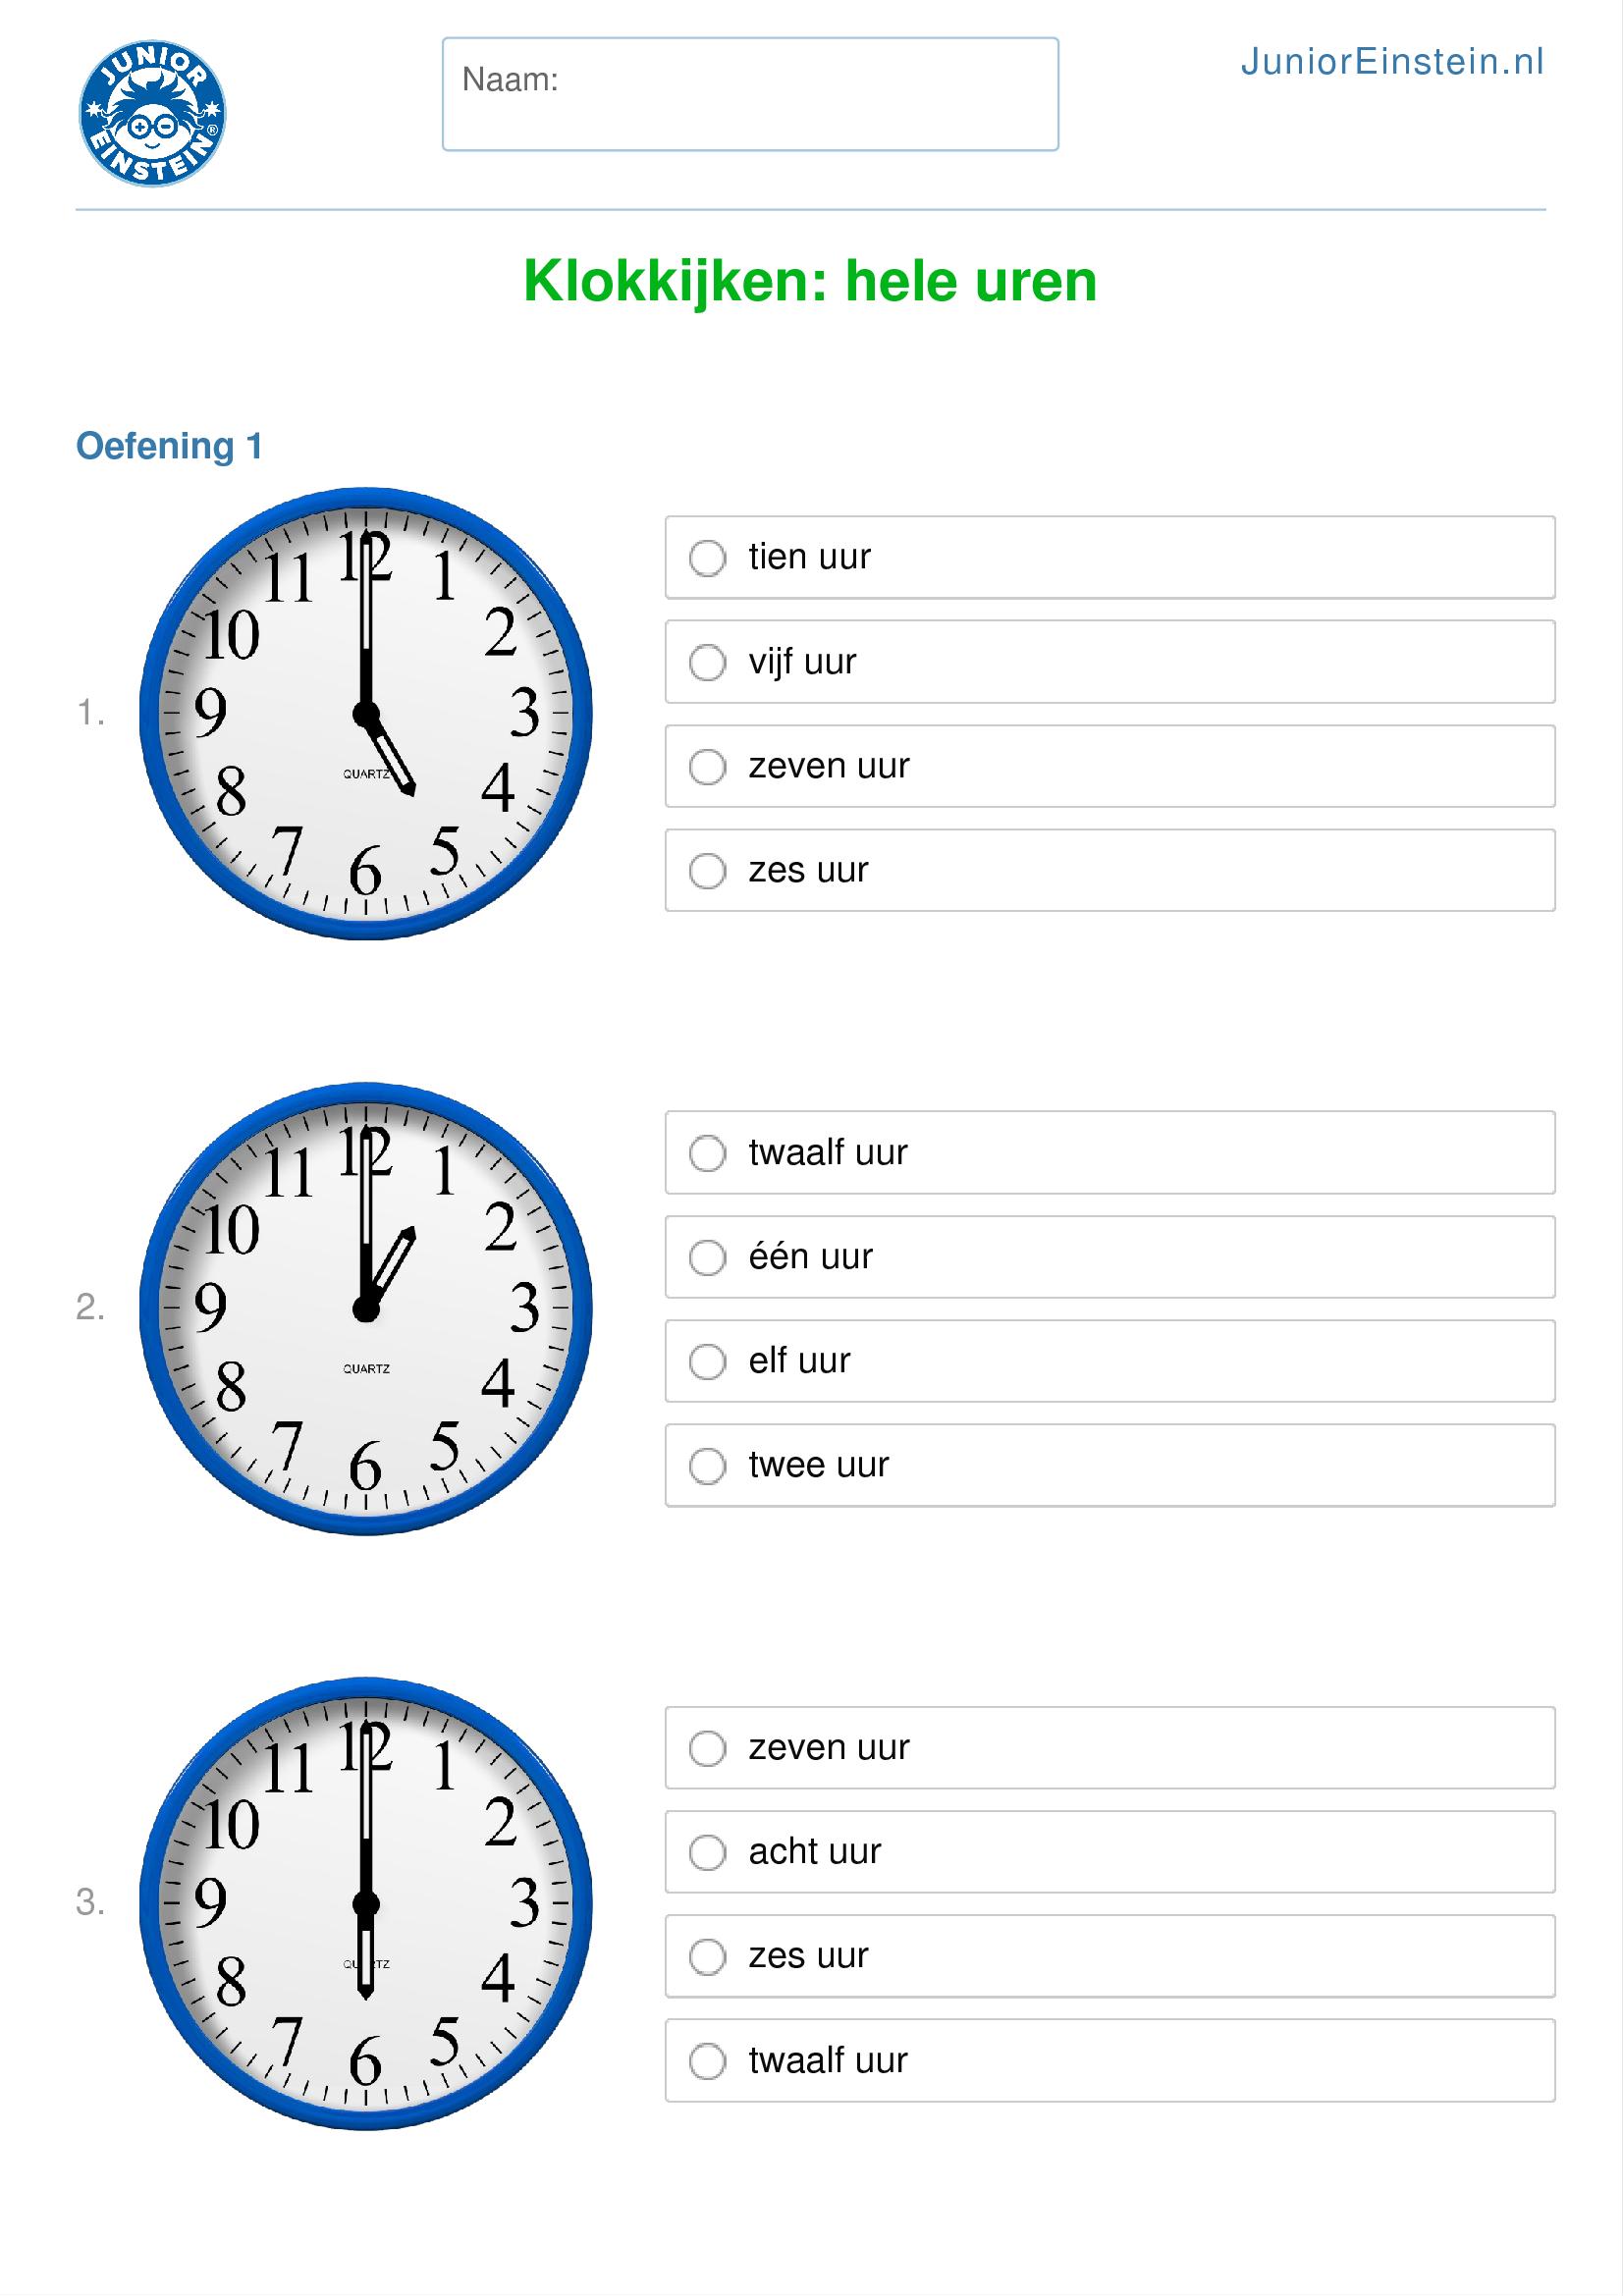 Spiksplinternieuw Werkblad: Klokkijken: hele uren (geschikt voor groep 5) in 2020 HR-09